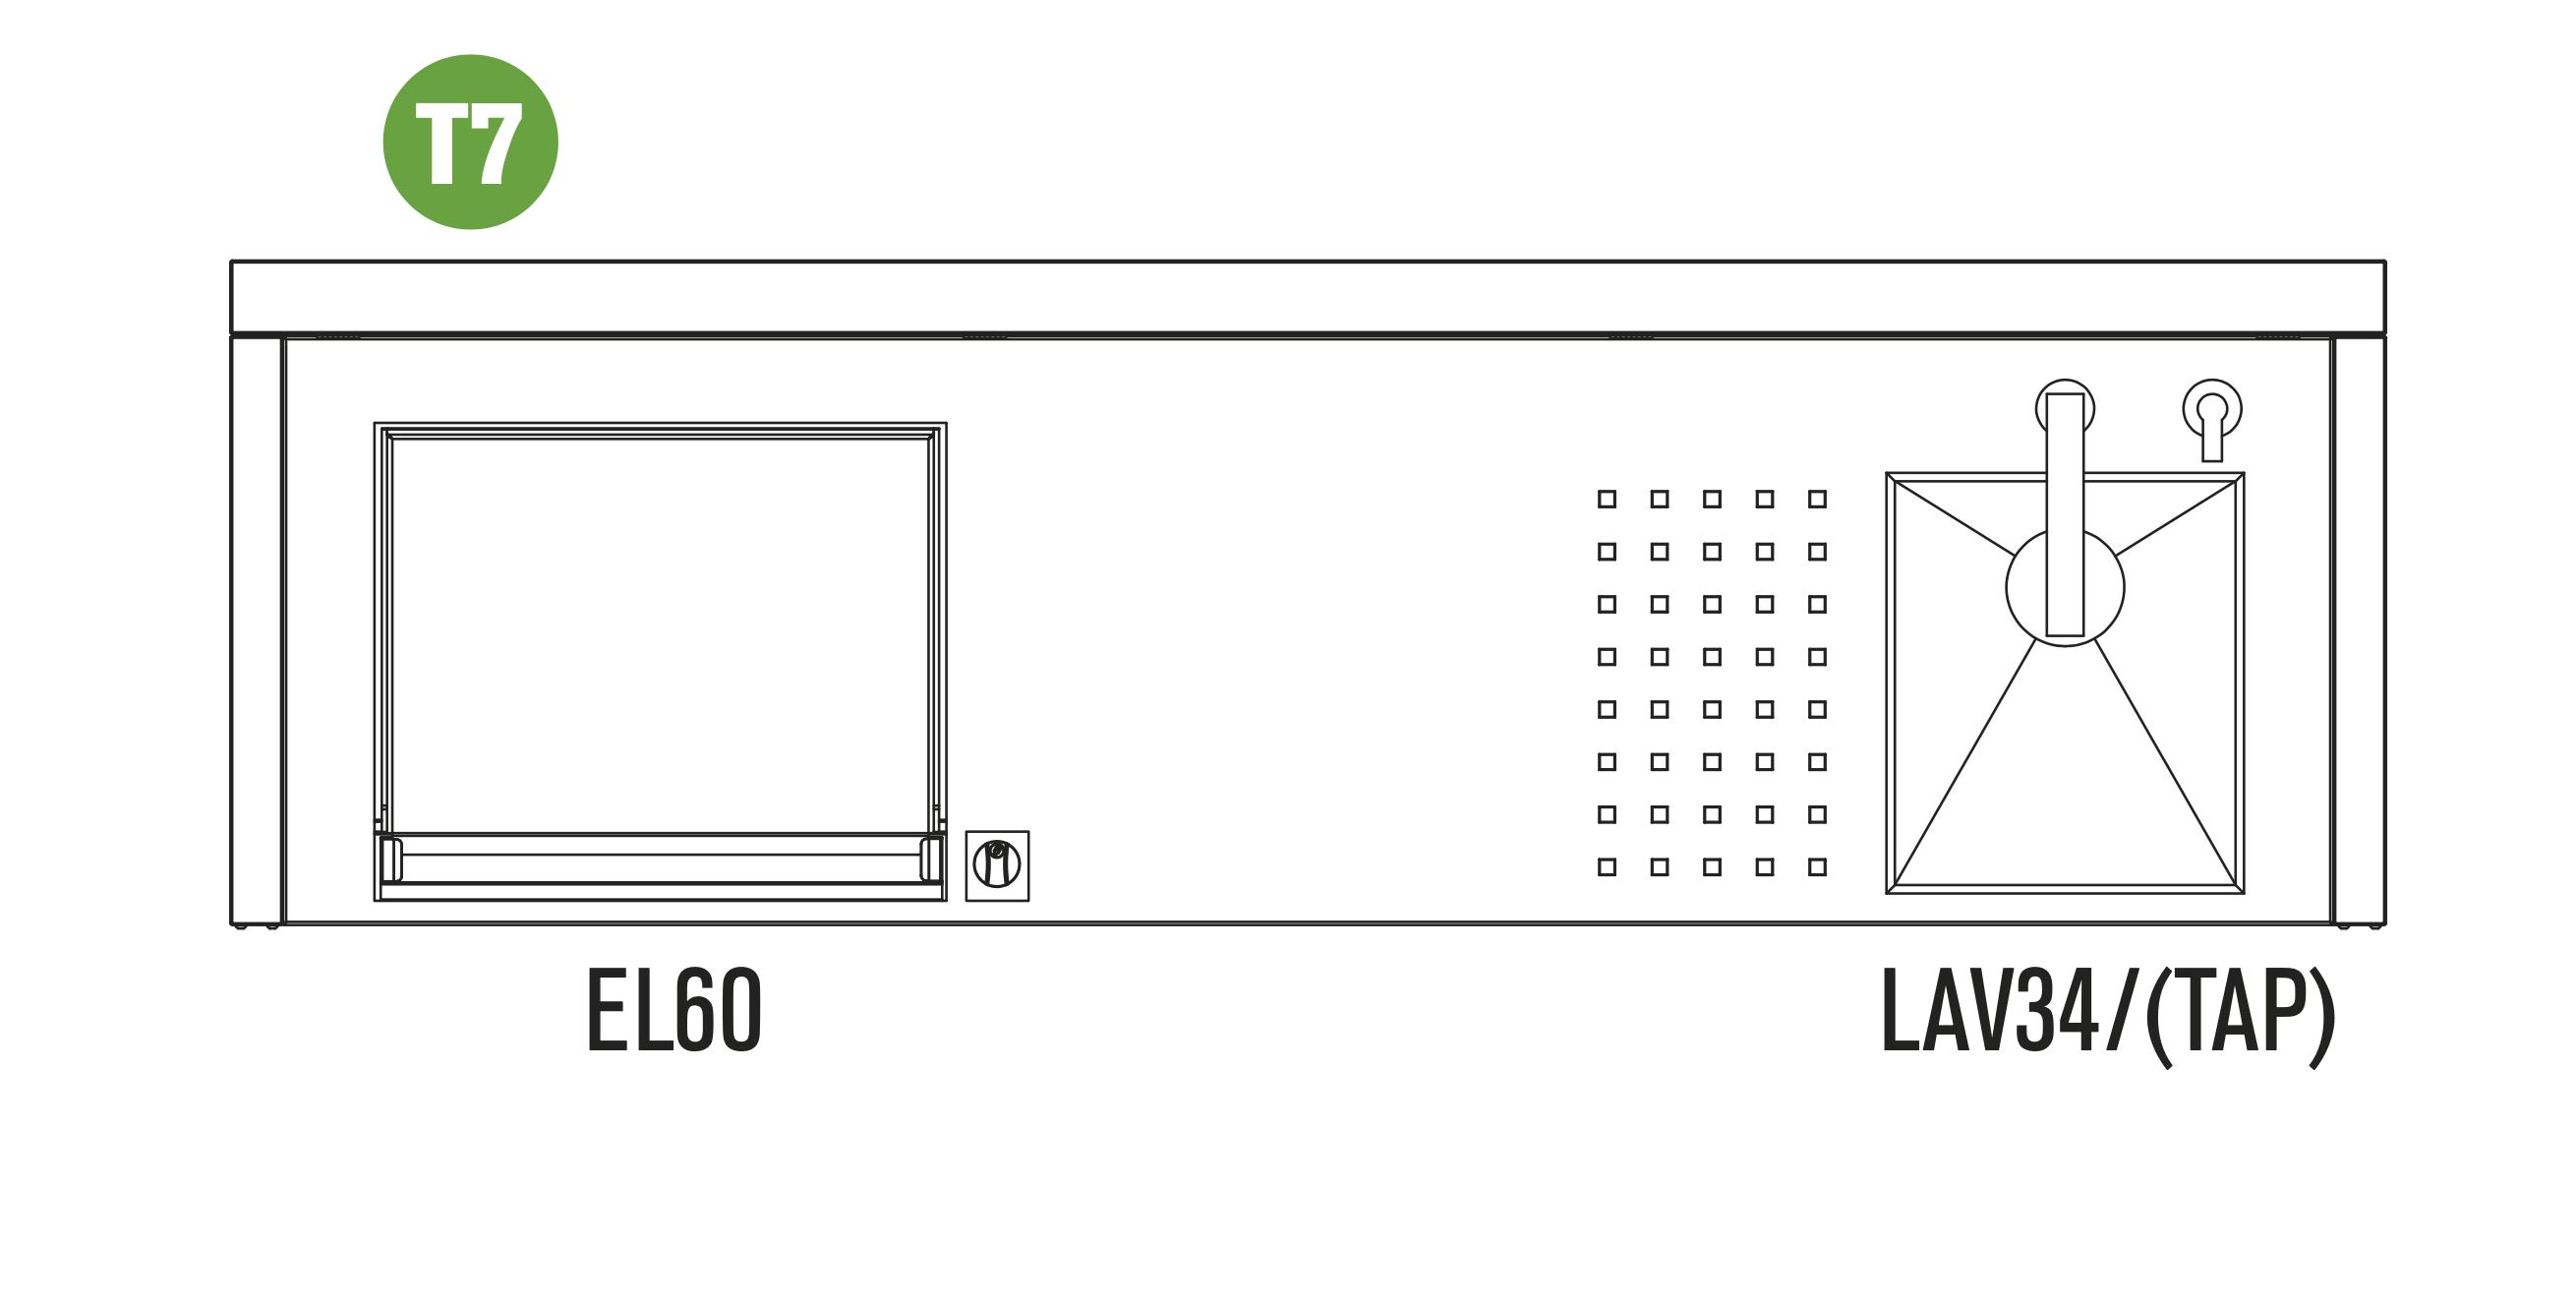 OASI Serie Outdoorküche 205 - C5 T7 (IN EL60 VL)